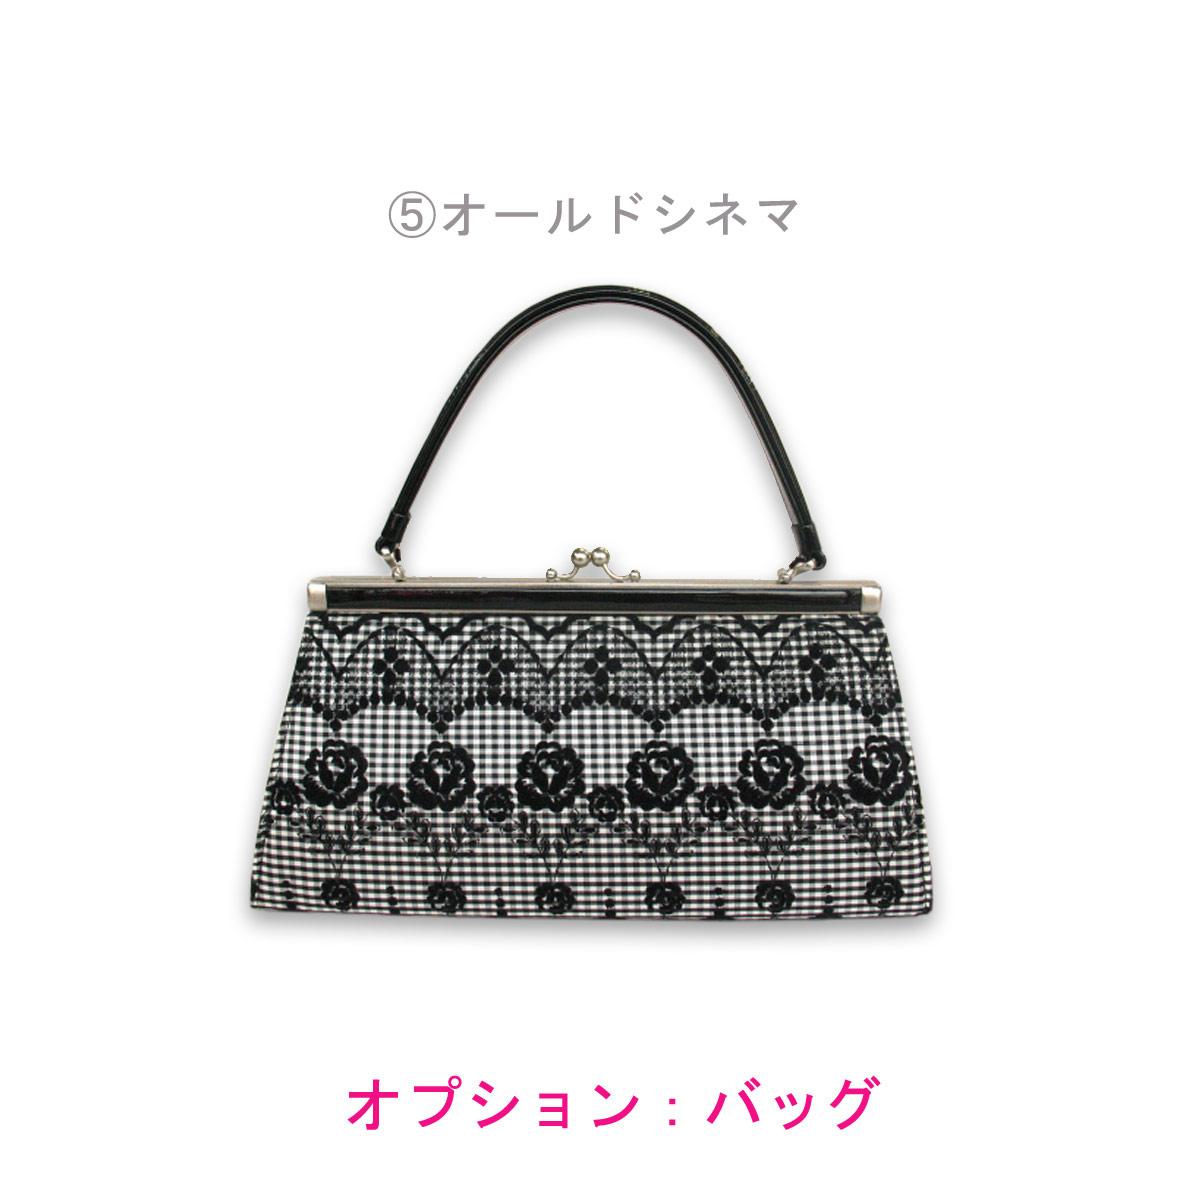 【レンタル】振袖 鶴 水色(豆千代スタイリング)